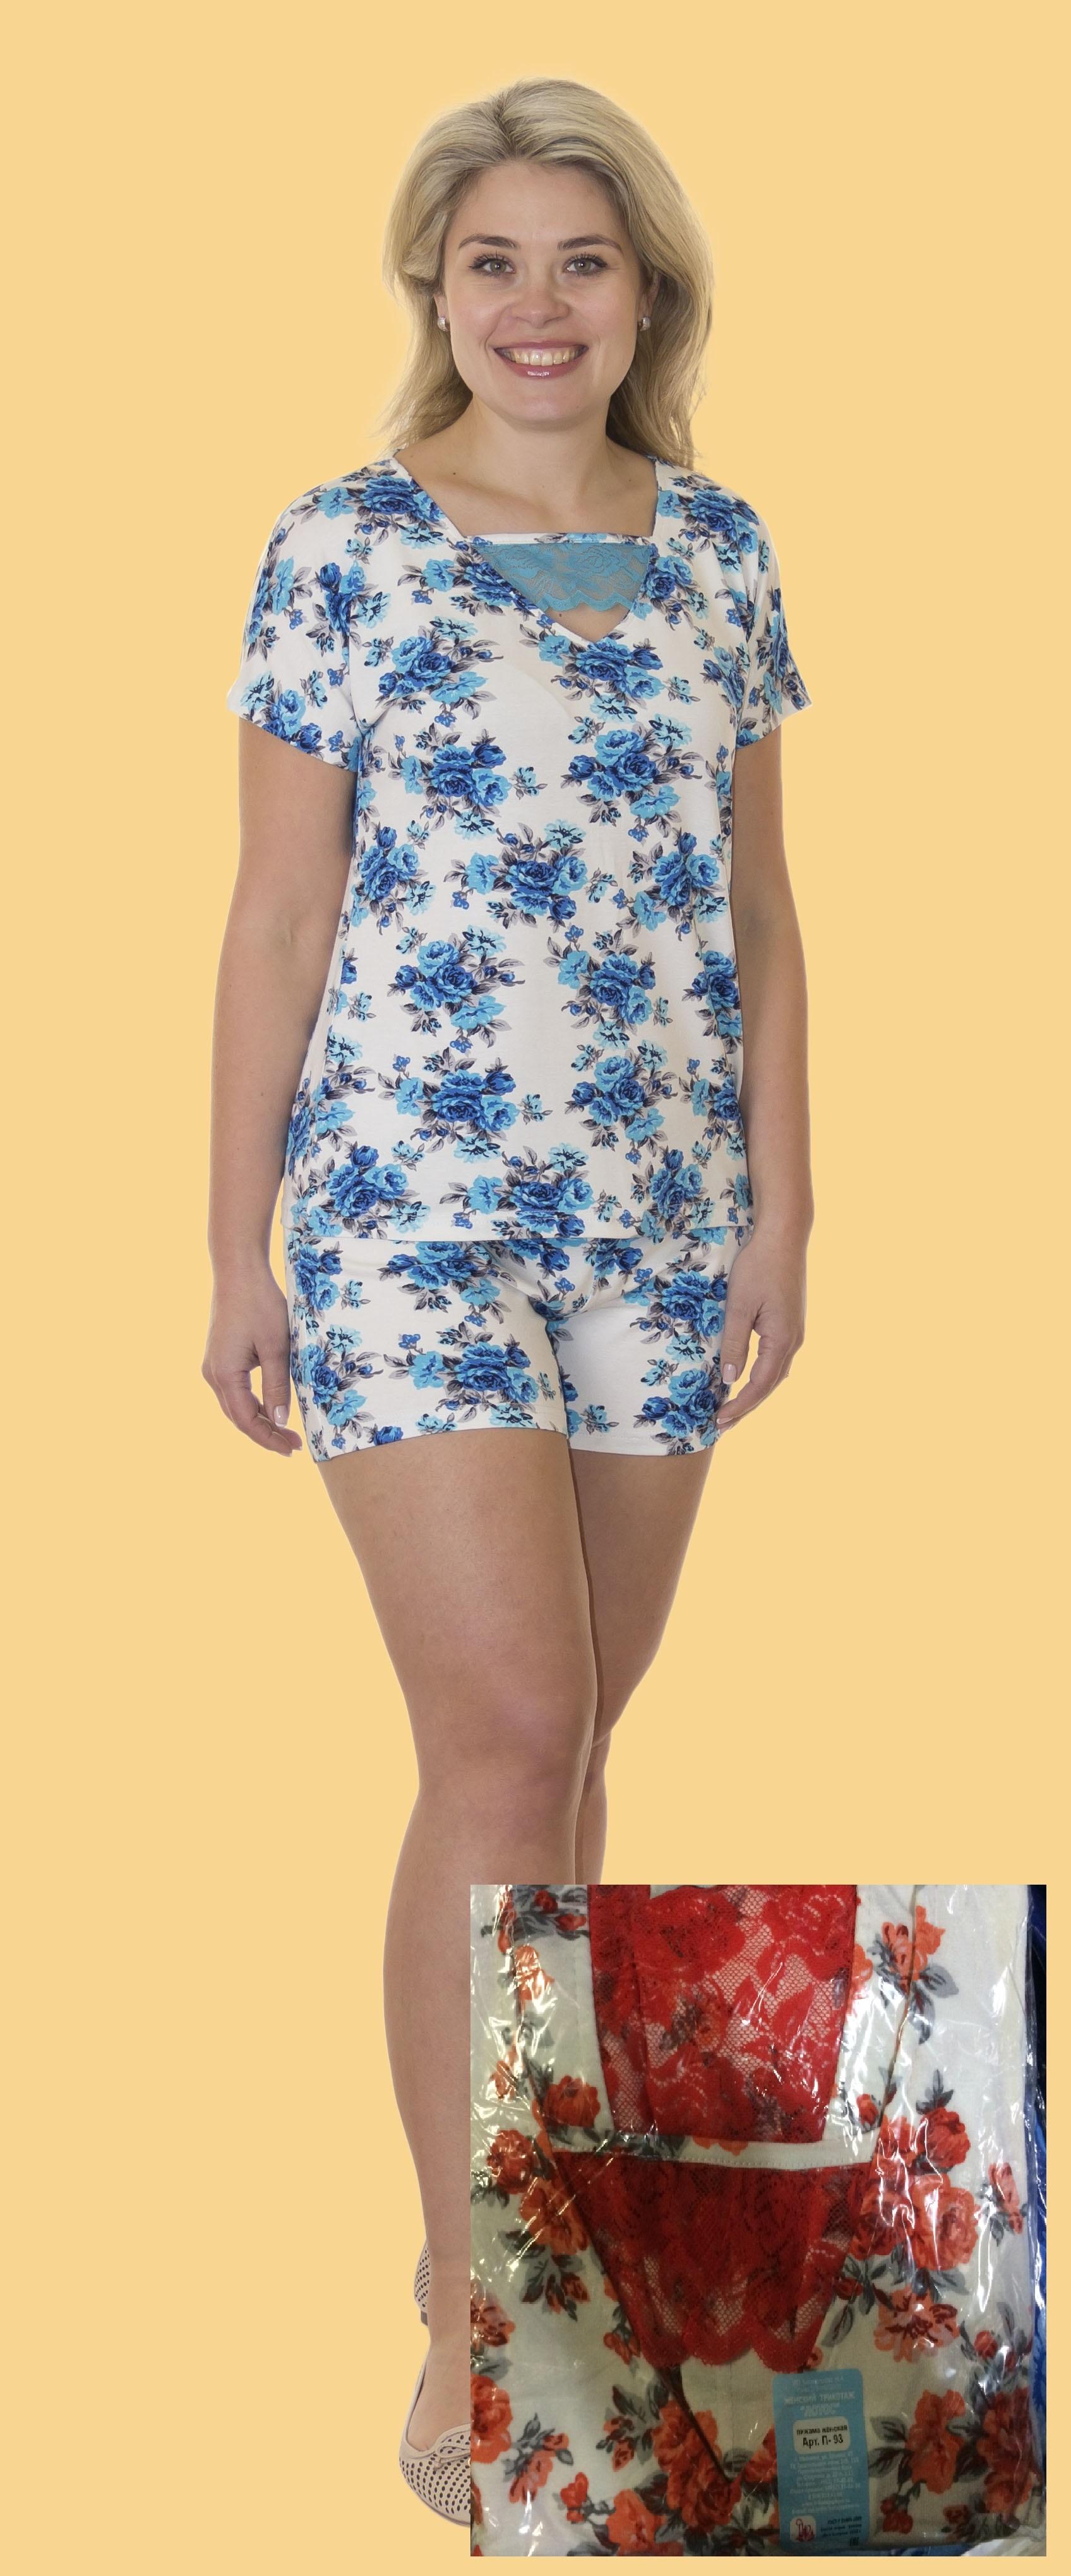 Пижамы Лотос Пижама Мила Цвет: Красные Цветы (xL) пижамы la pastel пижама кофта с запахом длинный рукав штаны длинные белый голубой размер xl